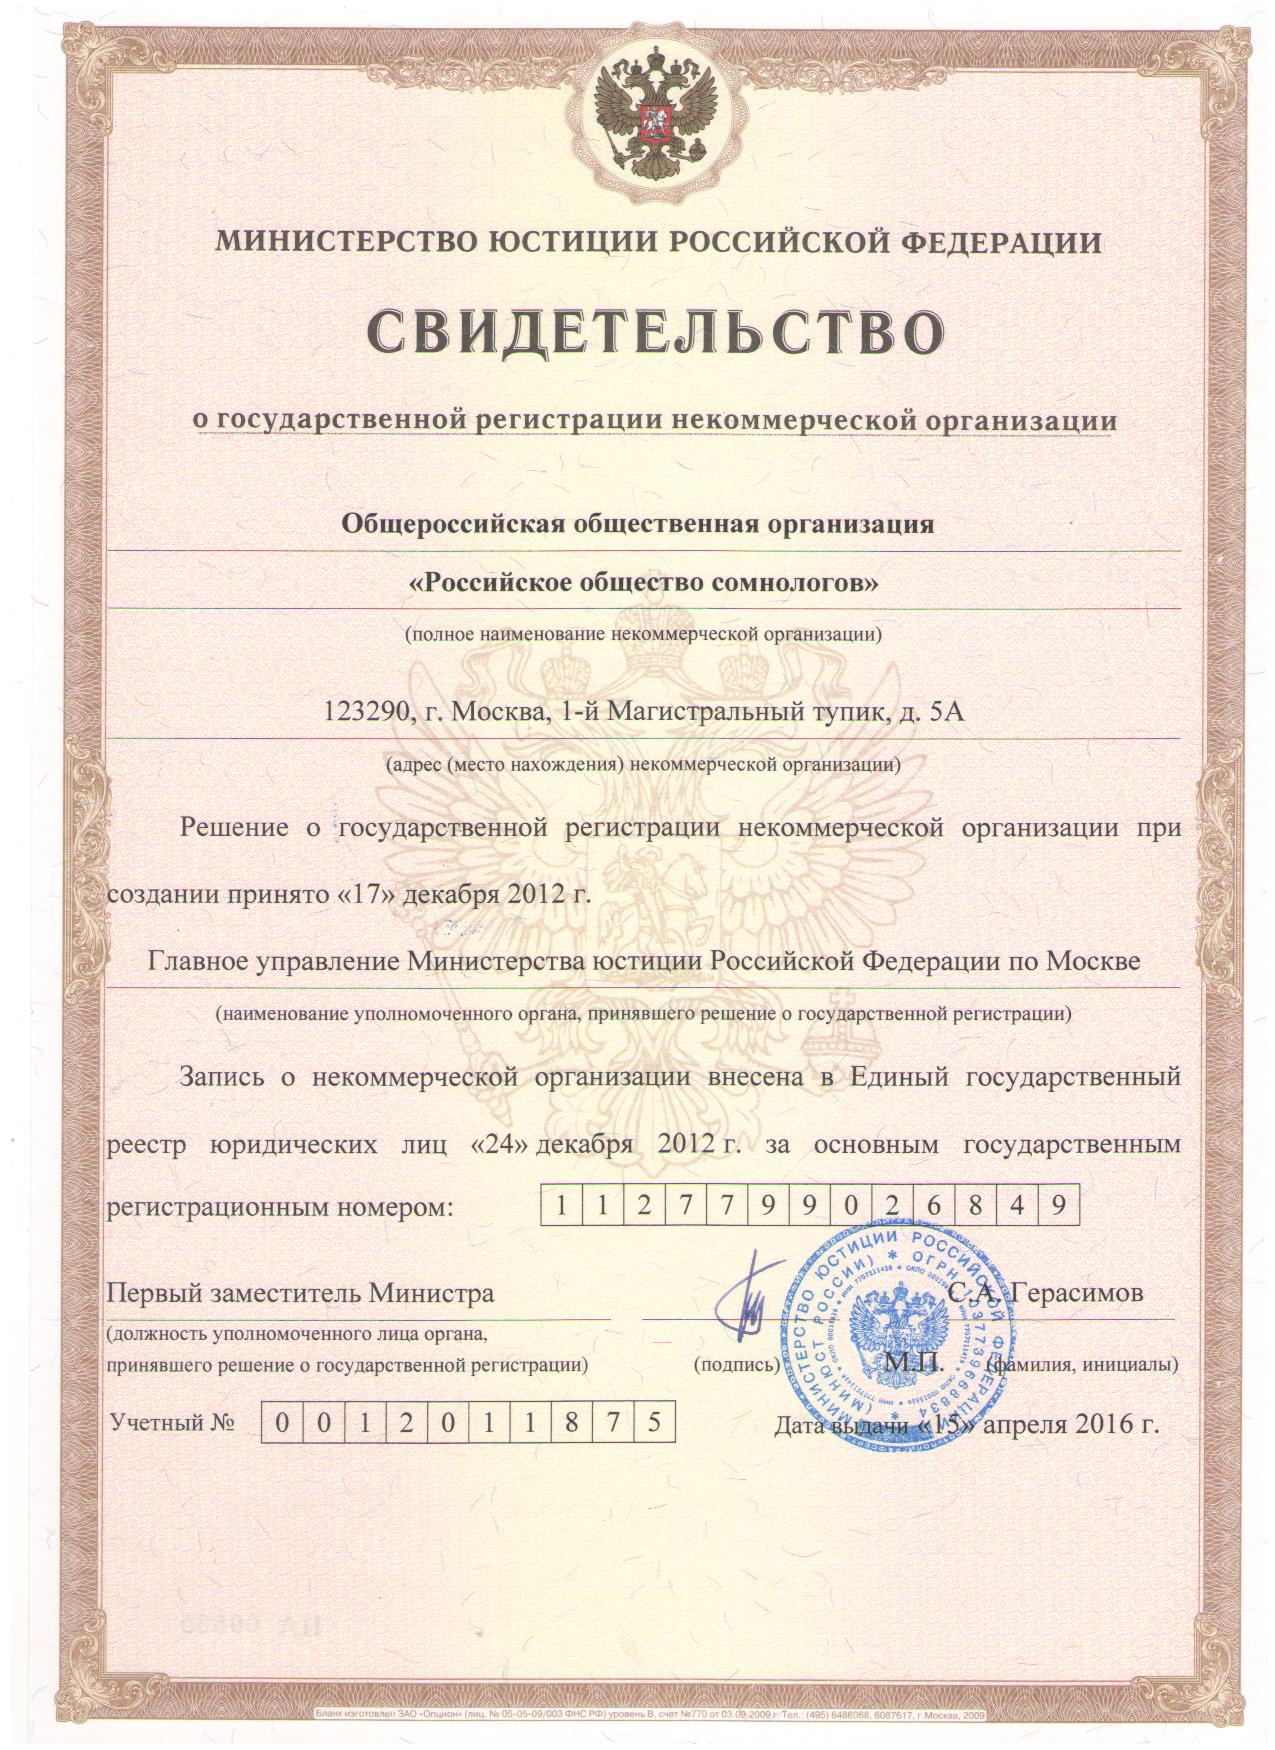 Российское общество сомнологов